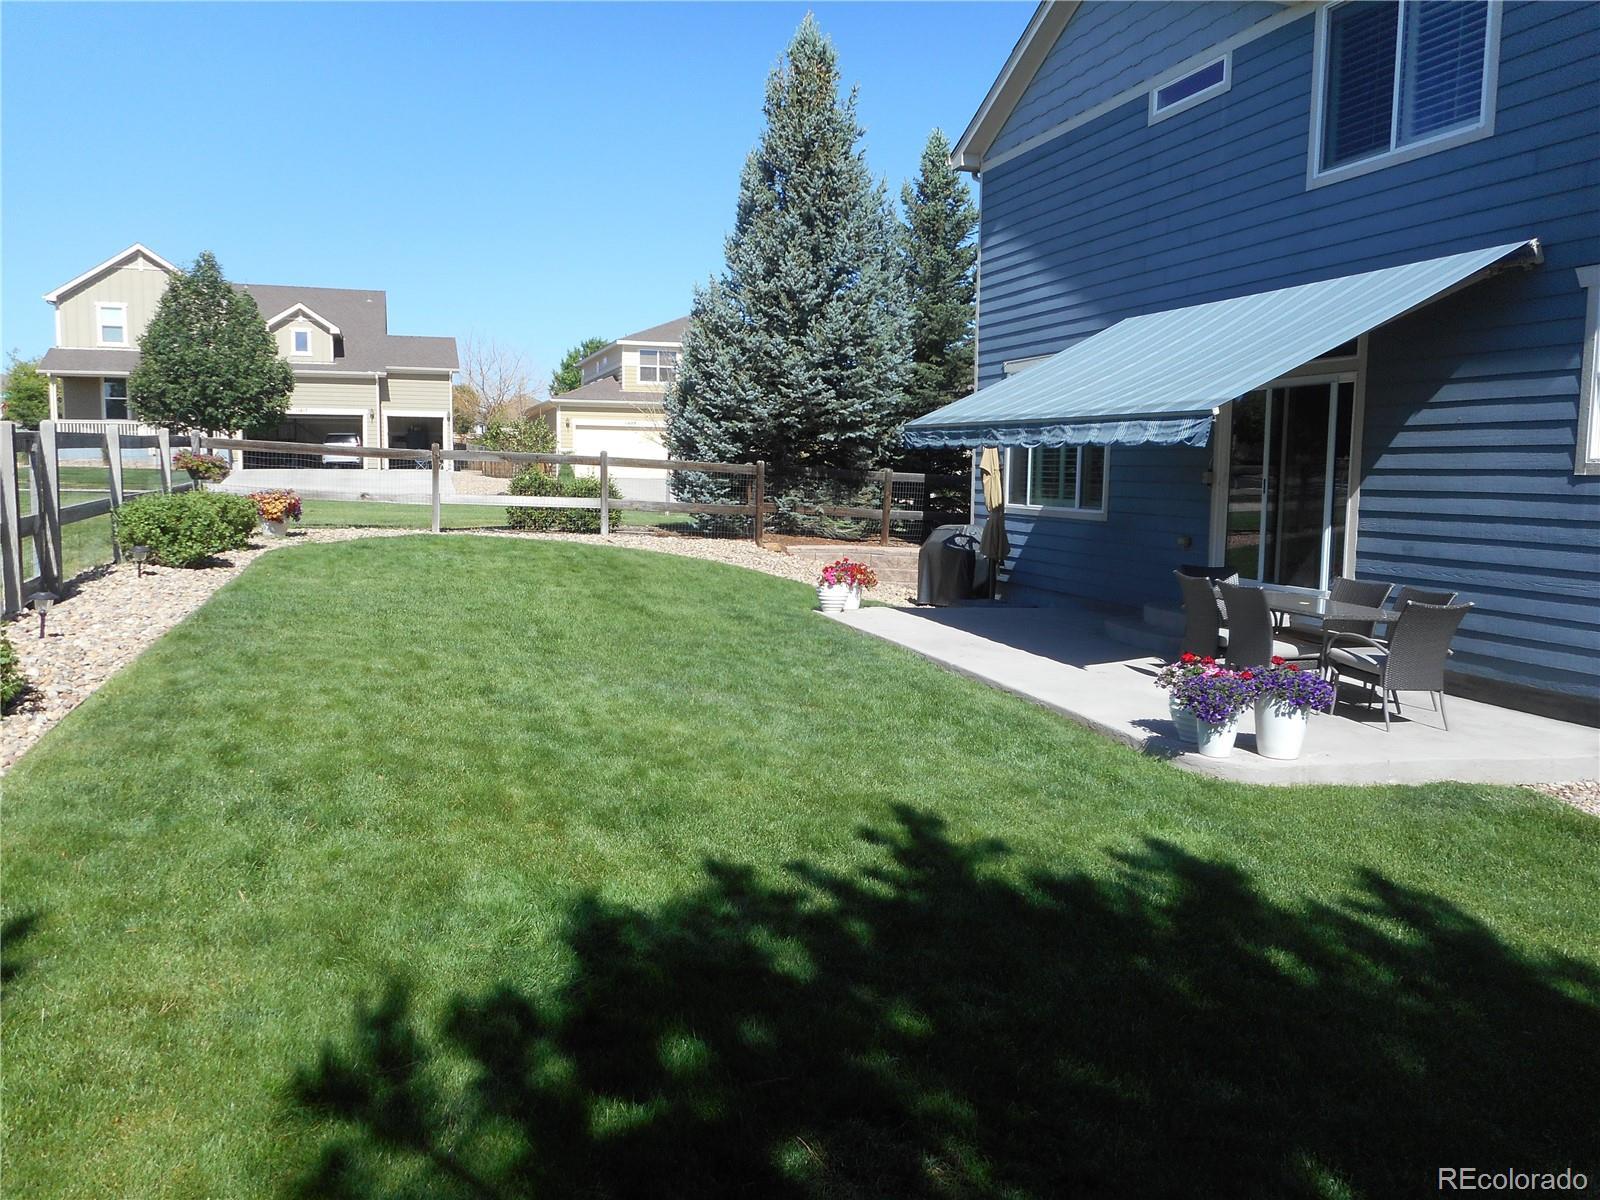 MLS# 6882809 - 4 - 17018 Golden Poppy Lane, Parker, CO 80134